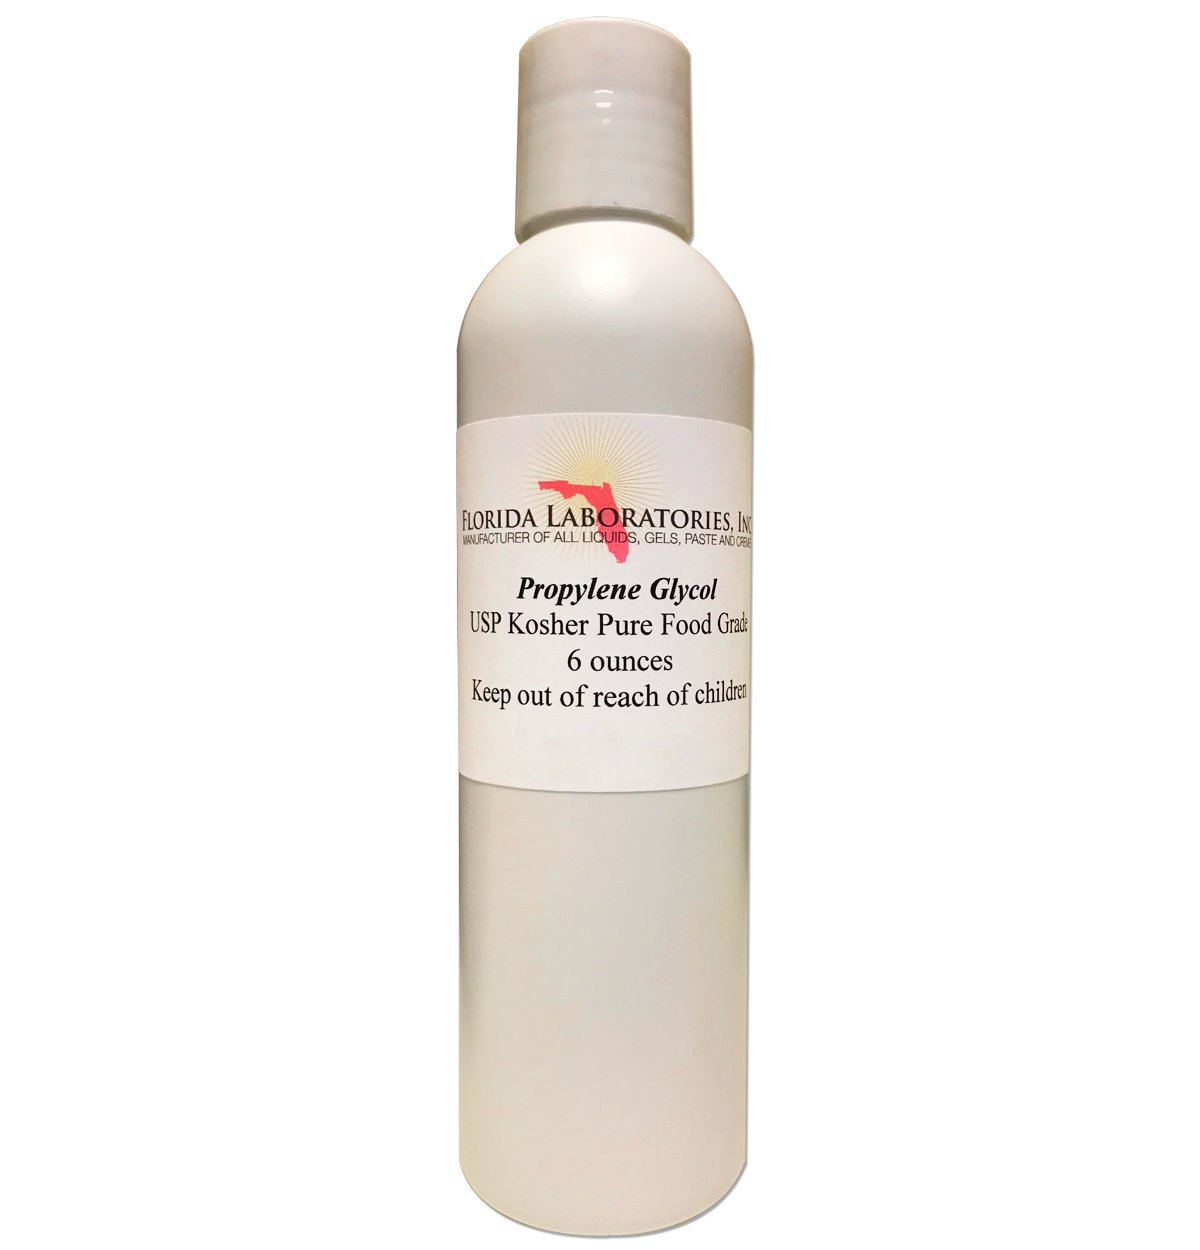 One Bottle 6 oz of Propylene Glycol USP PG Kosher 99.9% Pure Food Grade